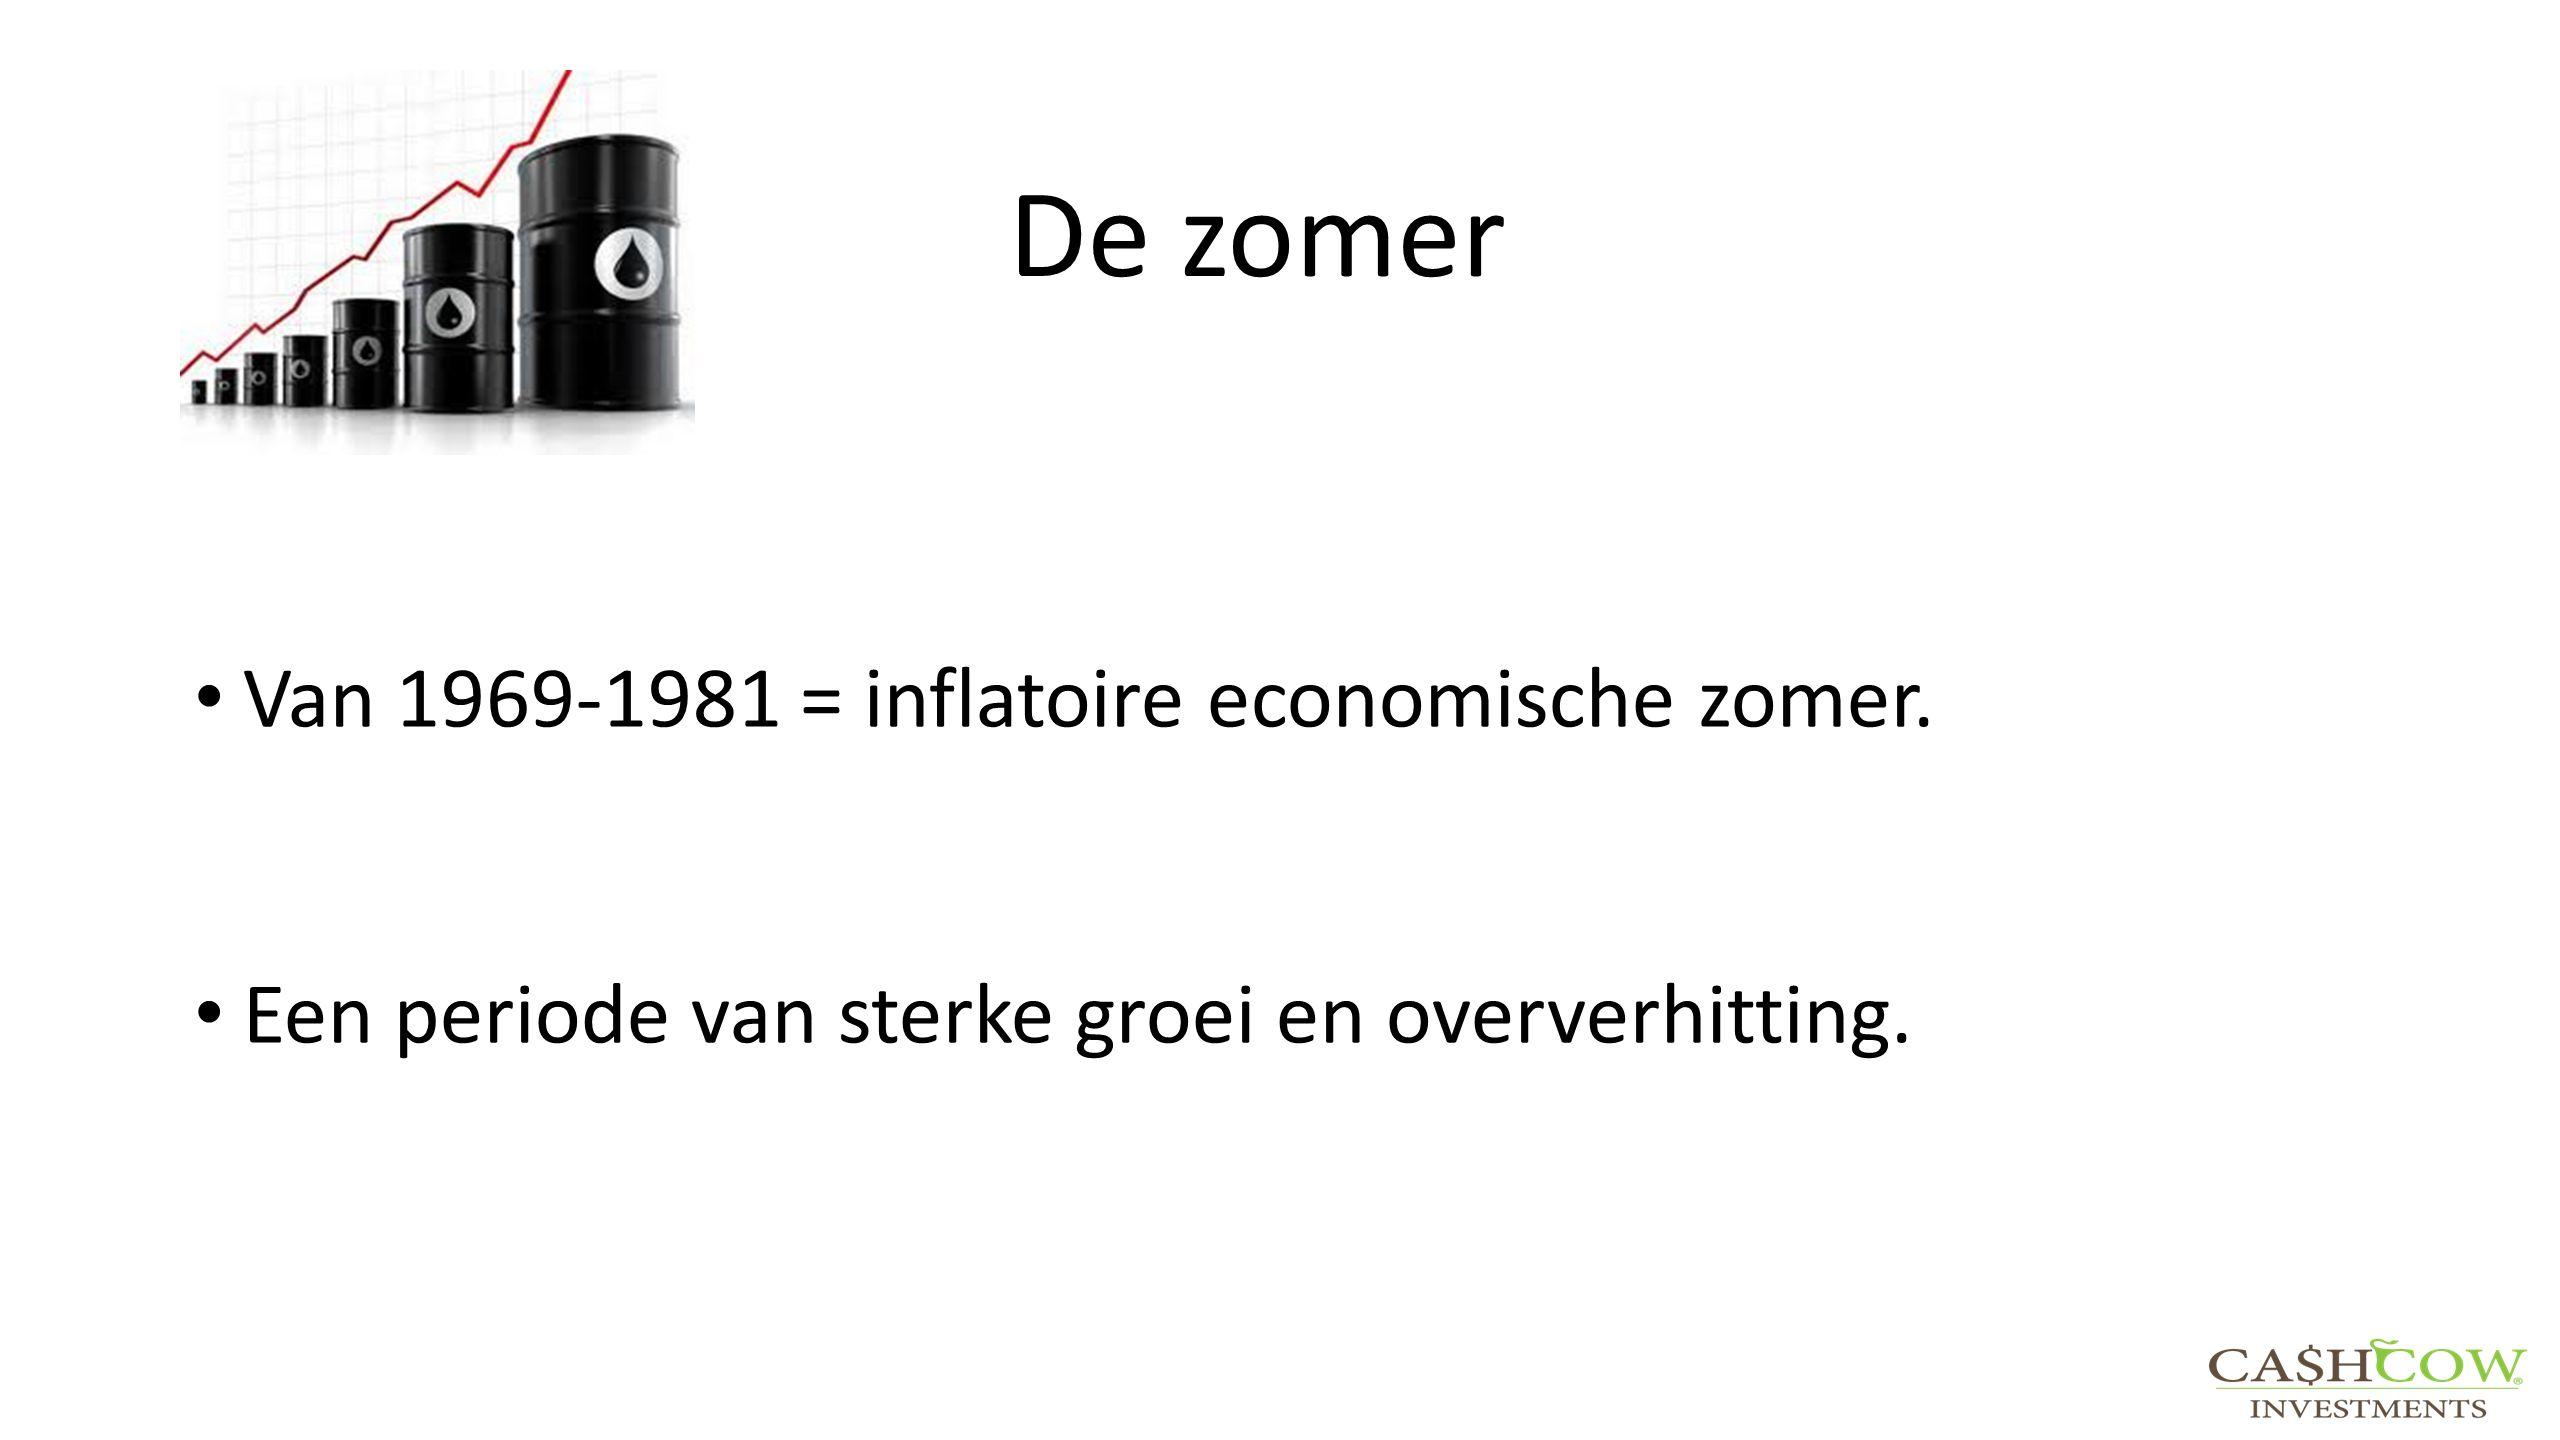 De zomer Van 1969-1981 = inflatoire economische zomer.